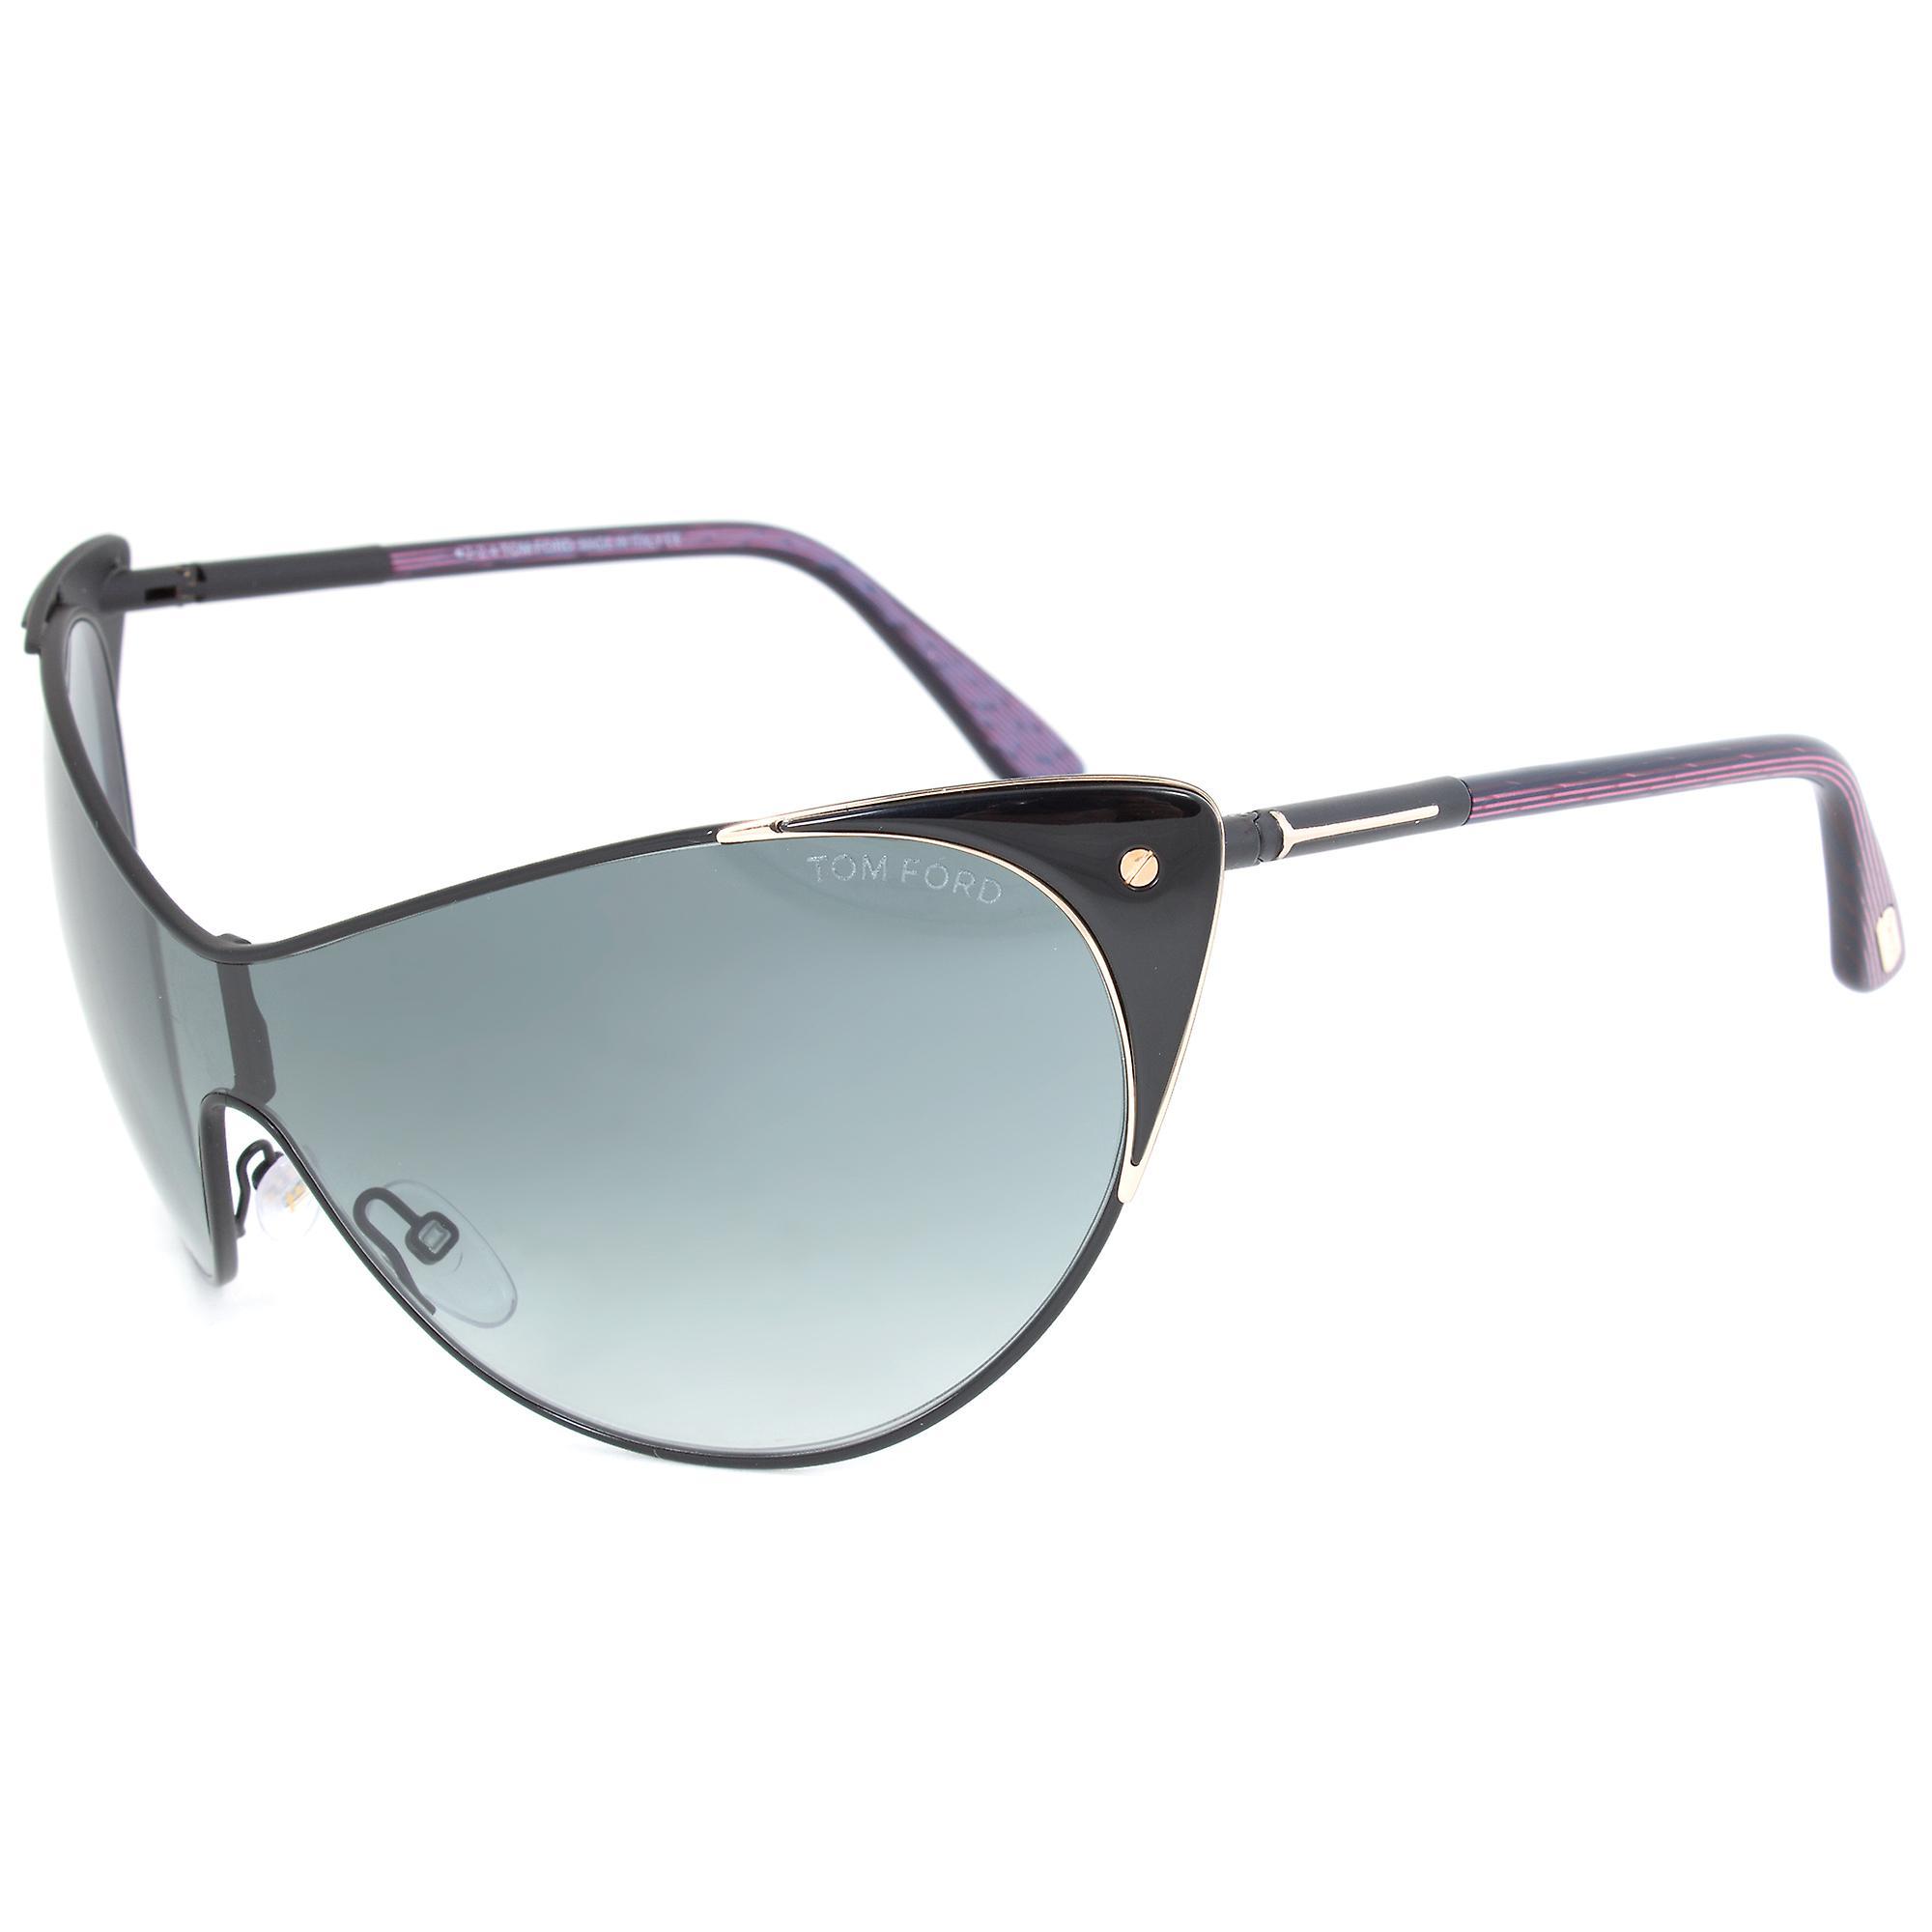 Tom Ford Vanda Sunglasses FT0364 01B   Black Frame   Grey Gradient Lens